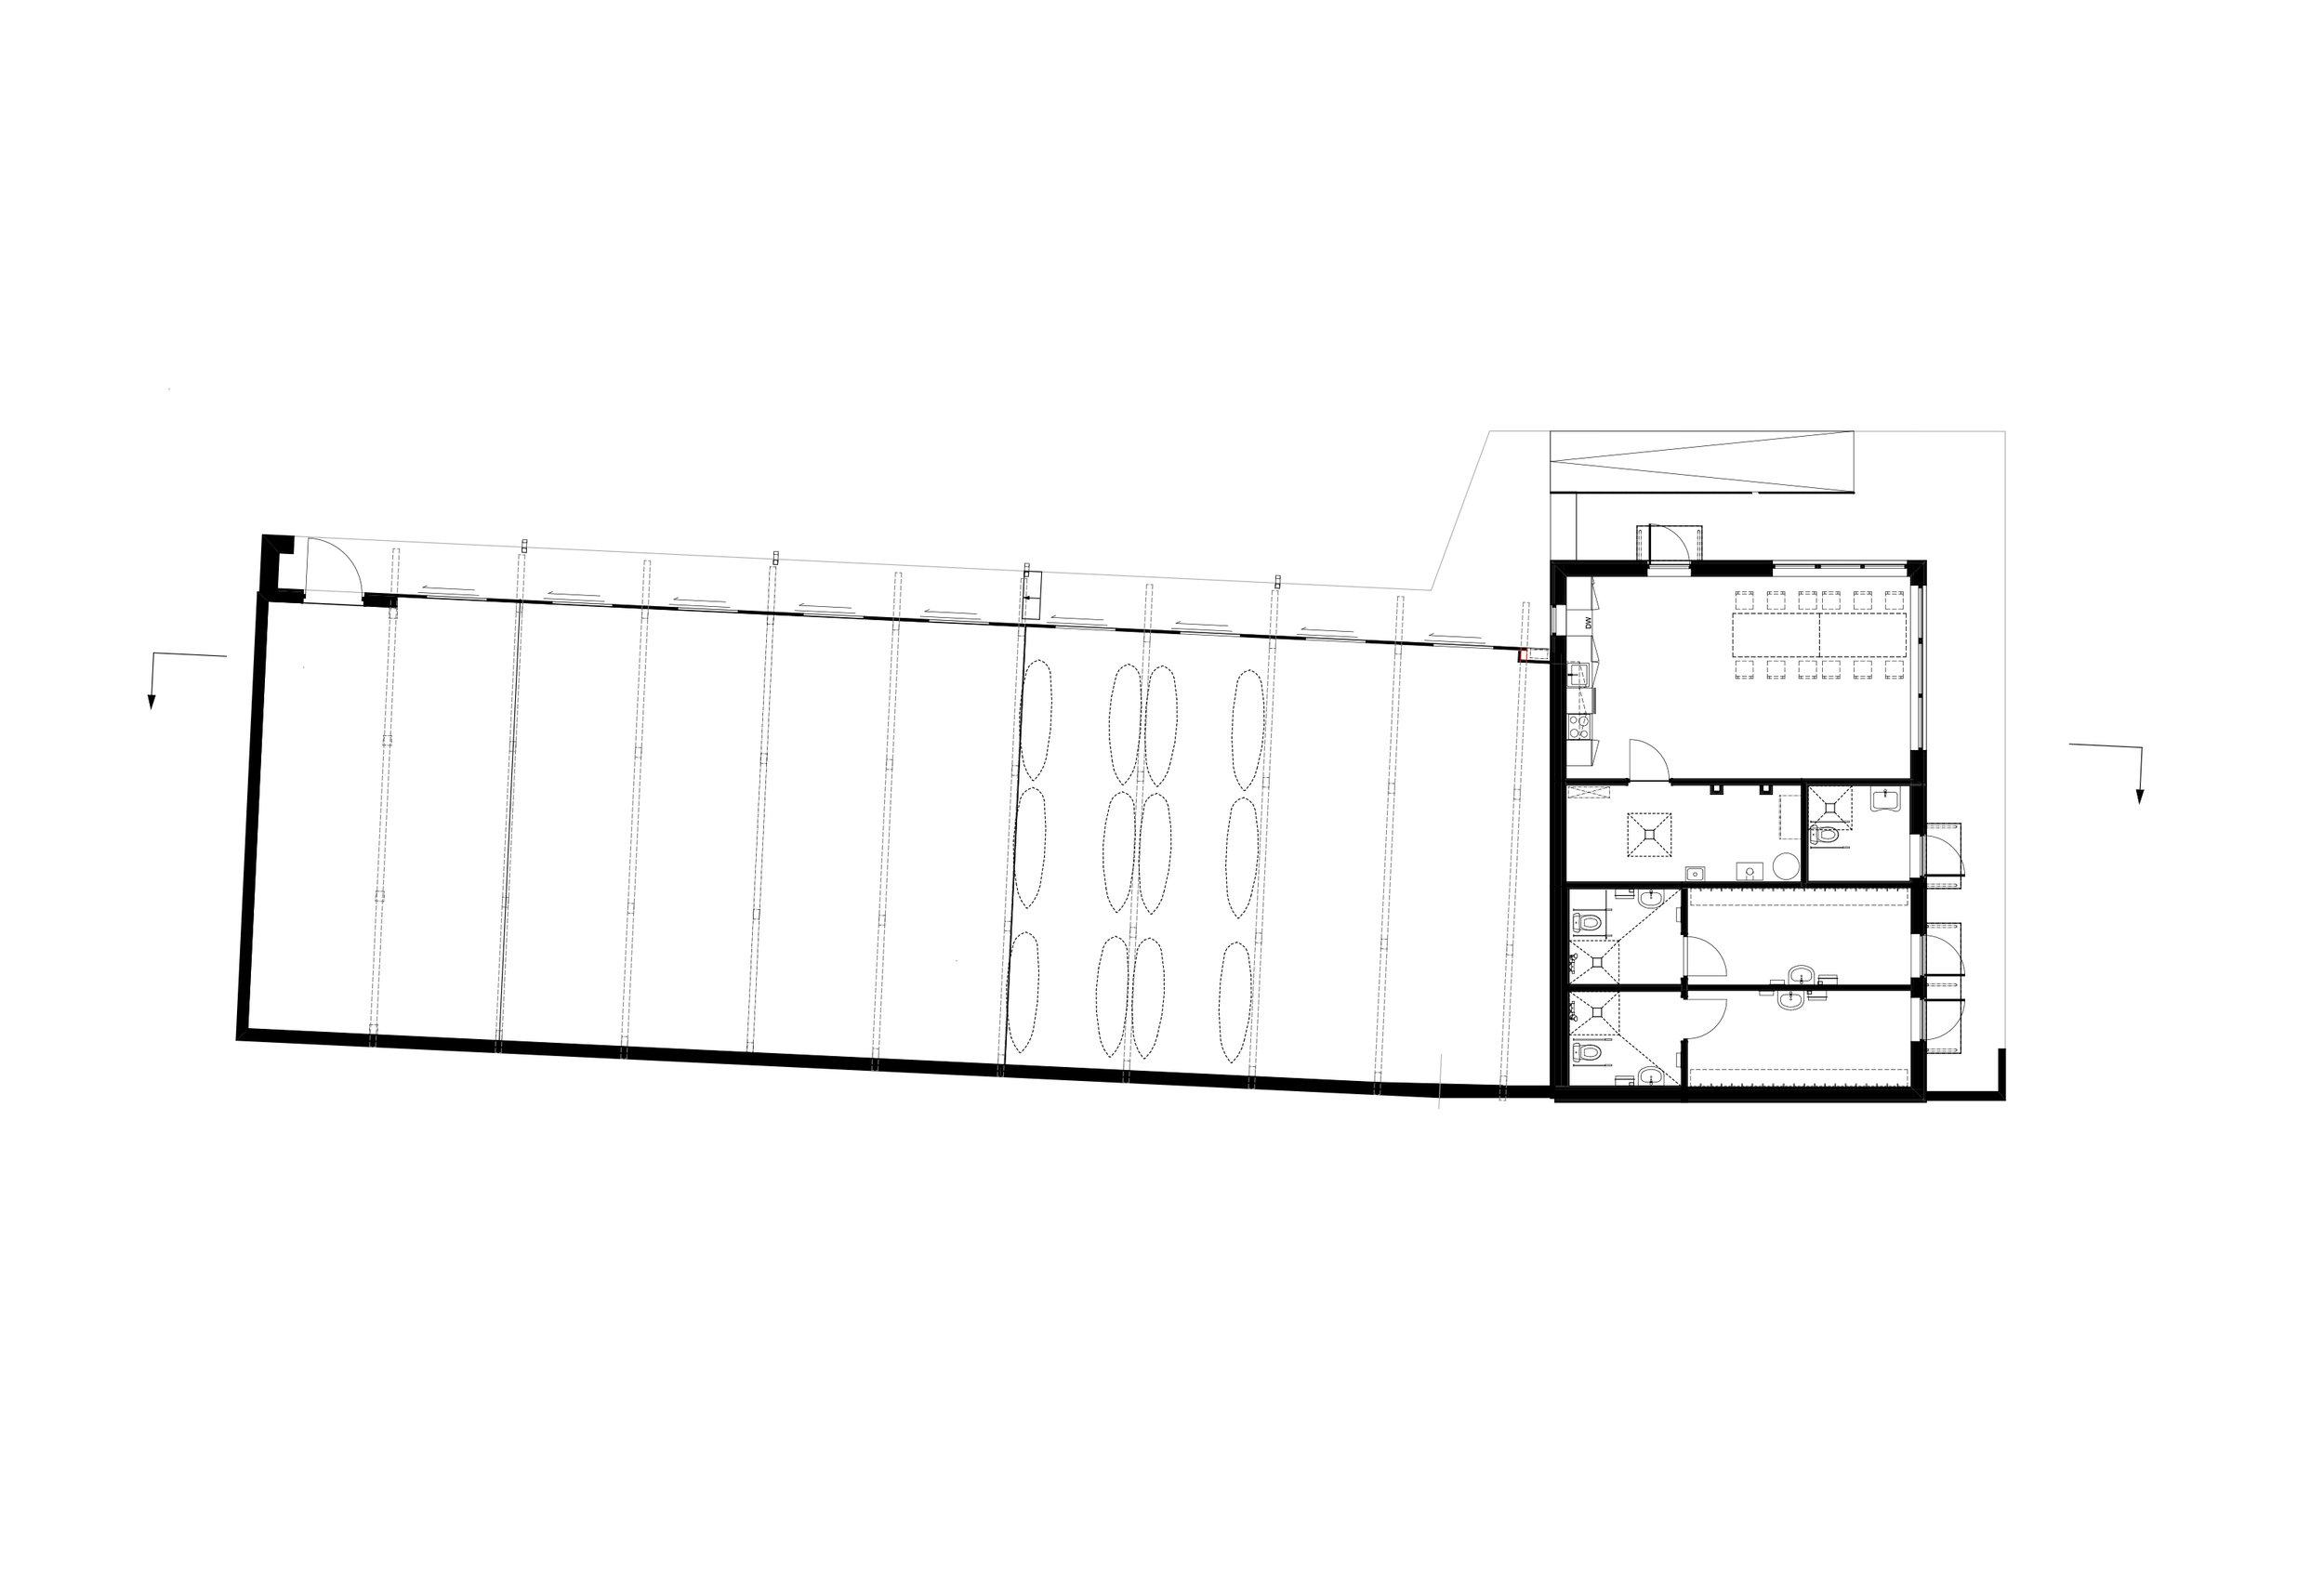 Lysaker brettseilerklubb_Planforum arkitekter_Plan.jpg